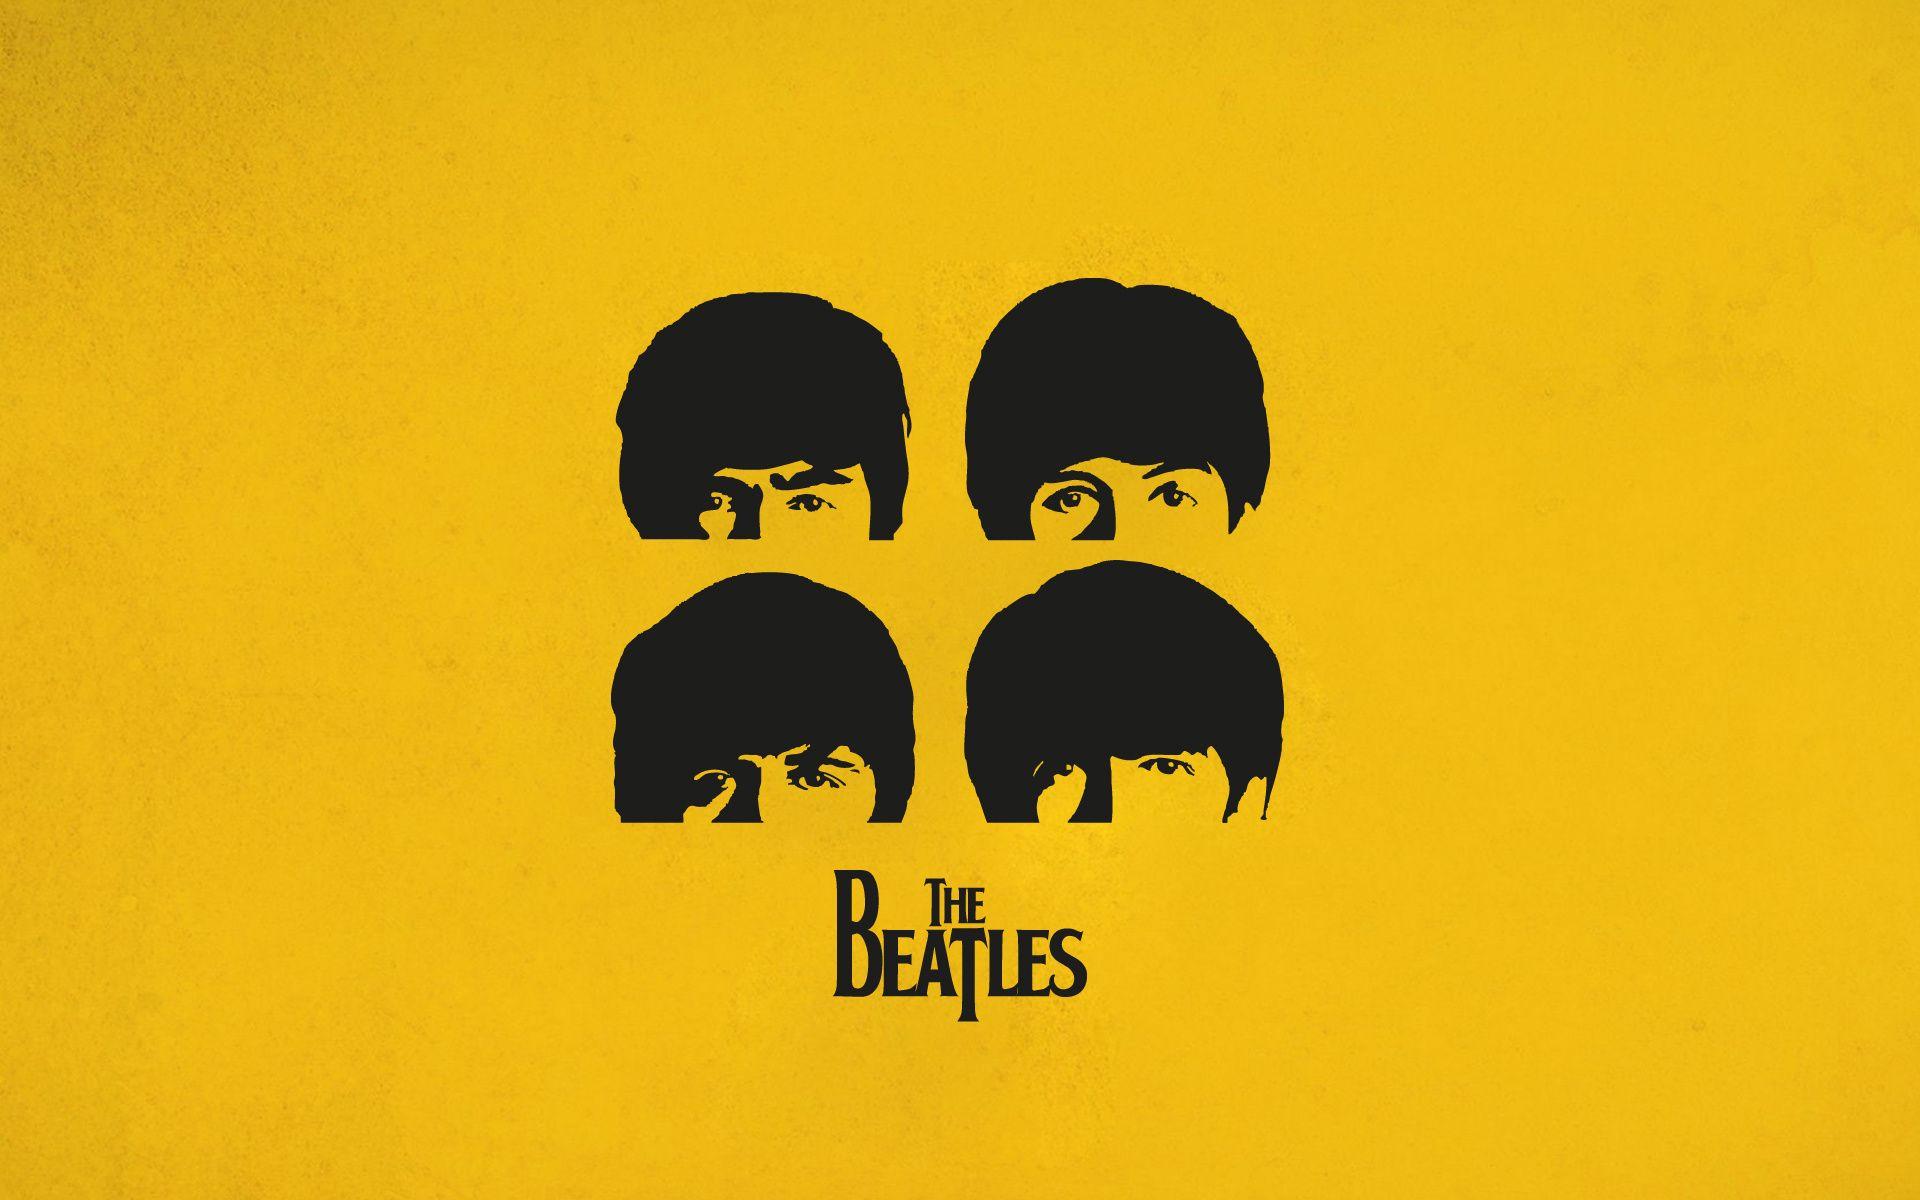 The Beatles Wallpaper Beatles Wallpaper Beatles Poster Beatles Art